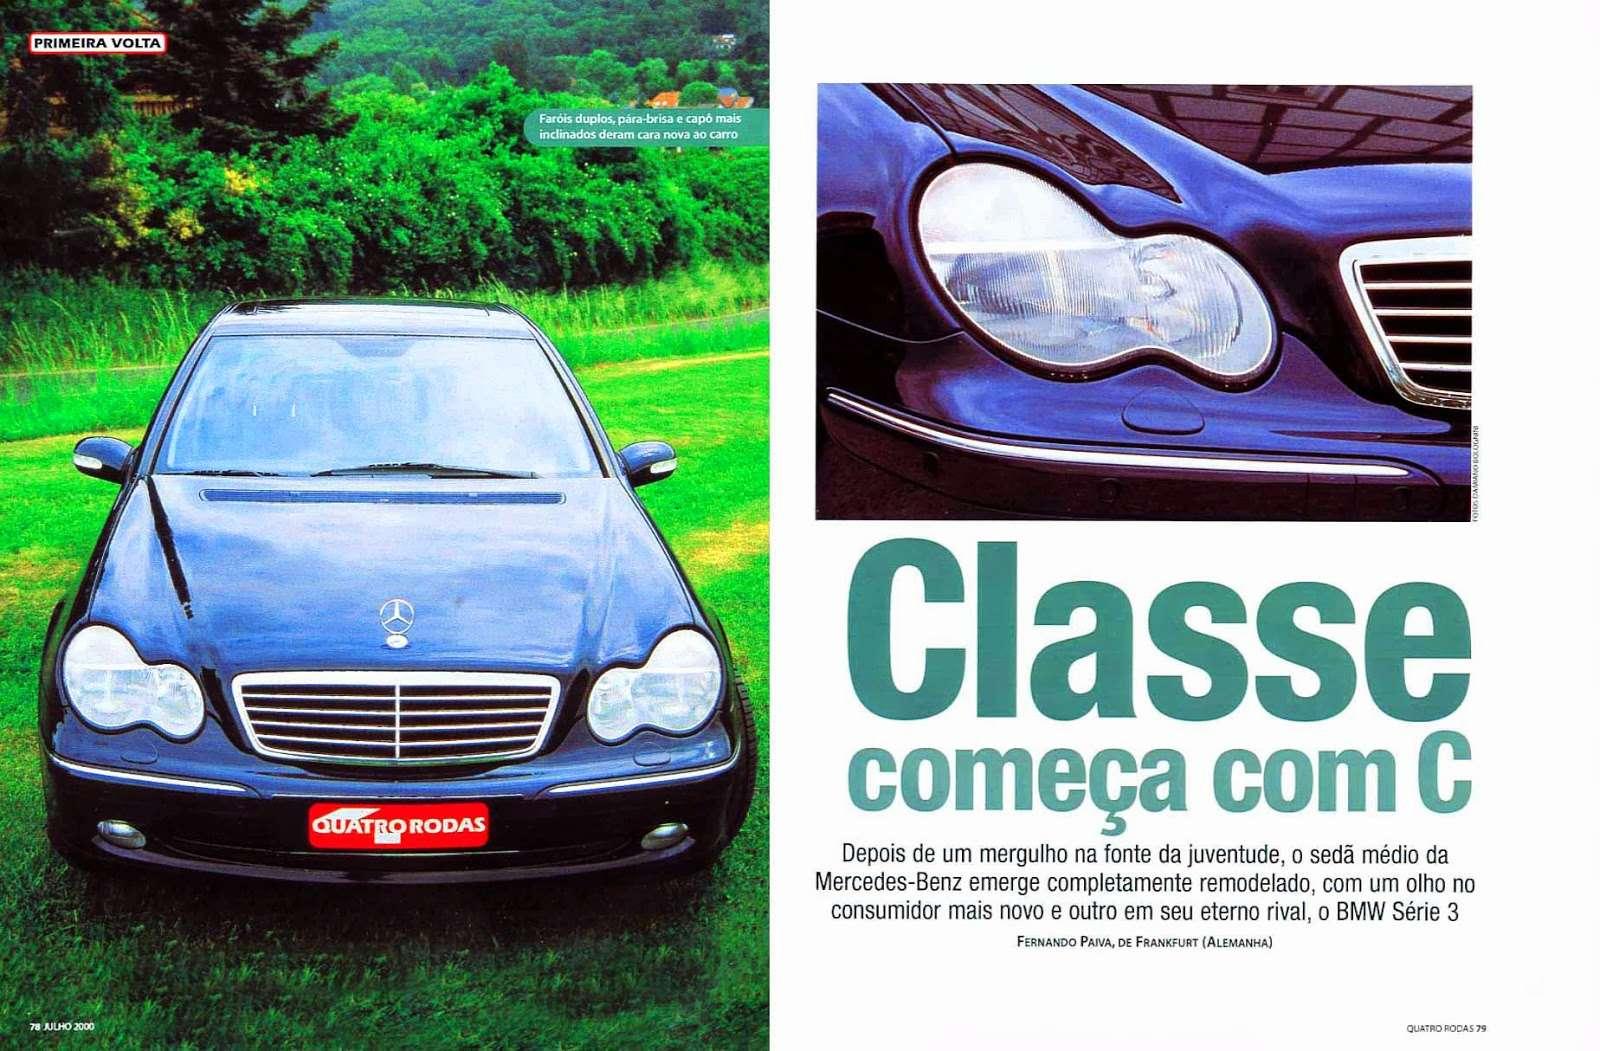 (W203): Avaliação Revista Quatro Rodas - C320 - julho de 2000 63b63510